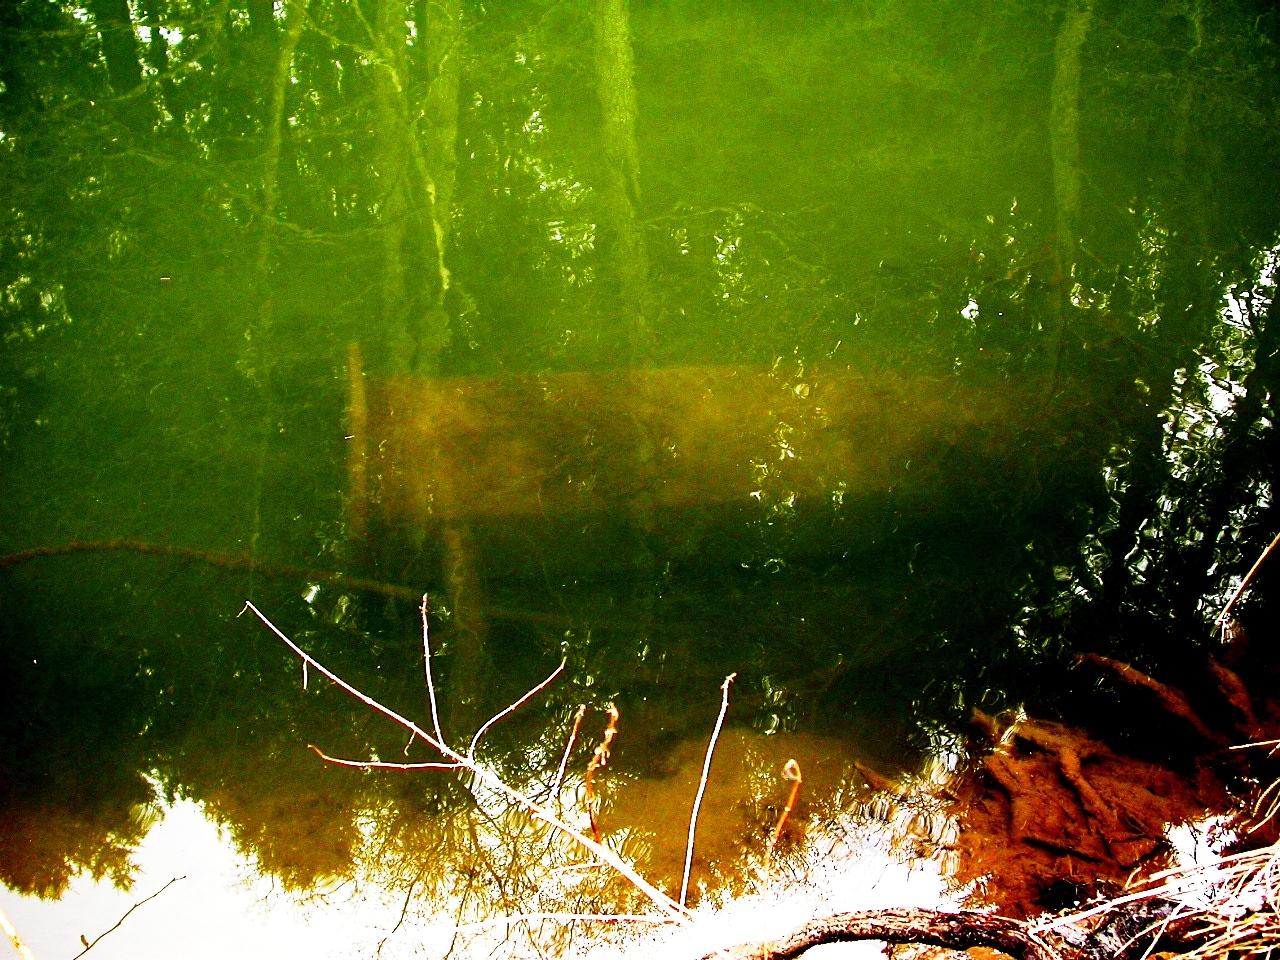 LB 170 noyée dans la Sure, 2008